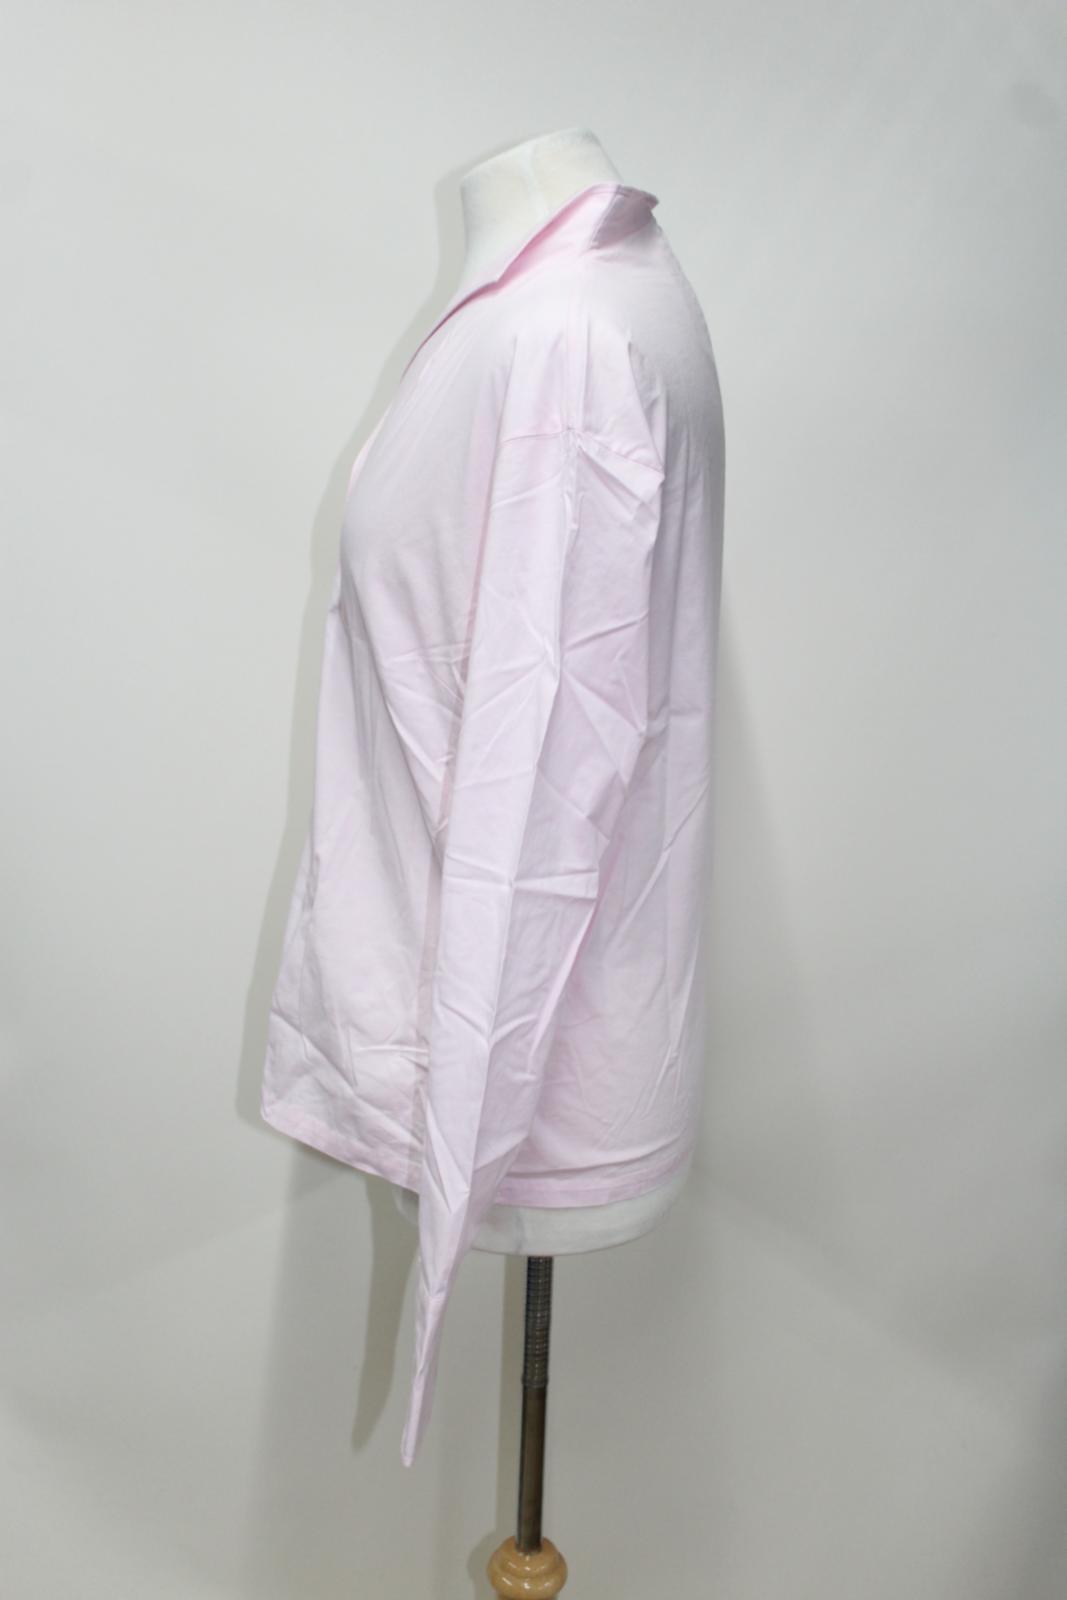 Rose Dames Col Manches Longues Dubarry Bnwt Chemise Uk18 Stretch Portrait Portrait Coton 1xwpqpaE